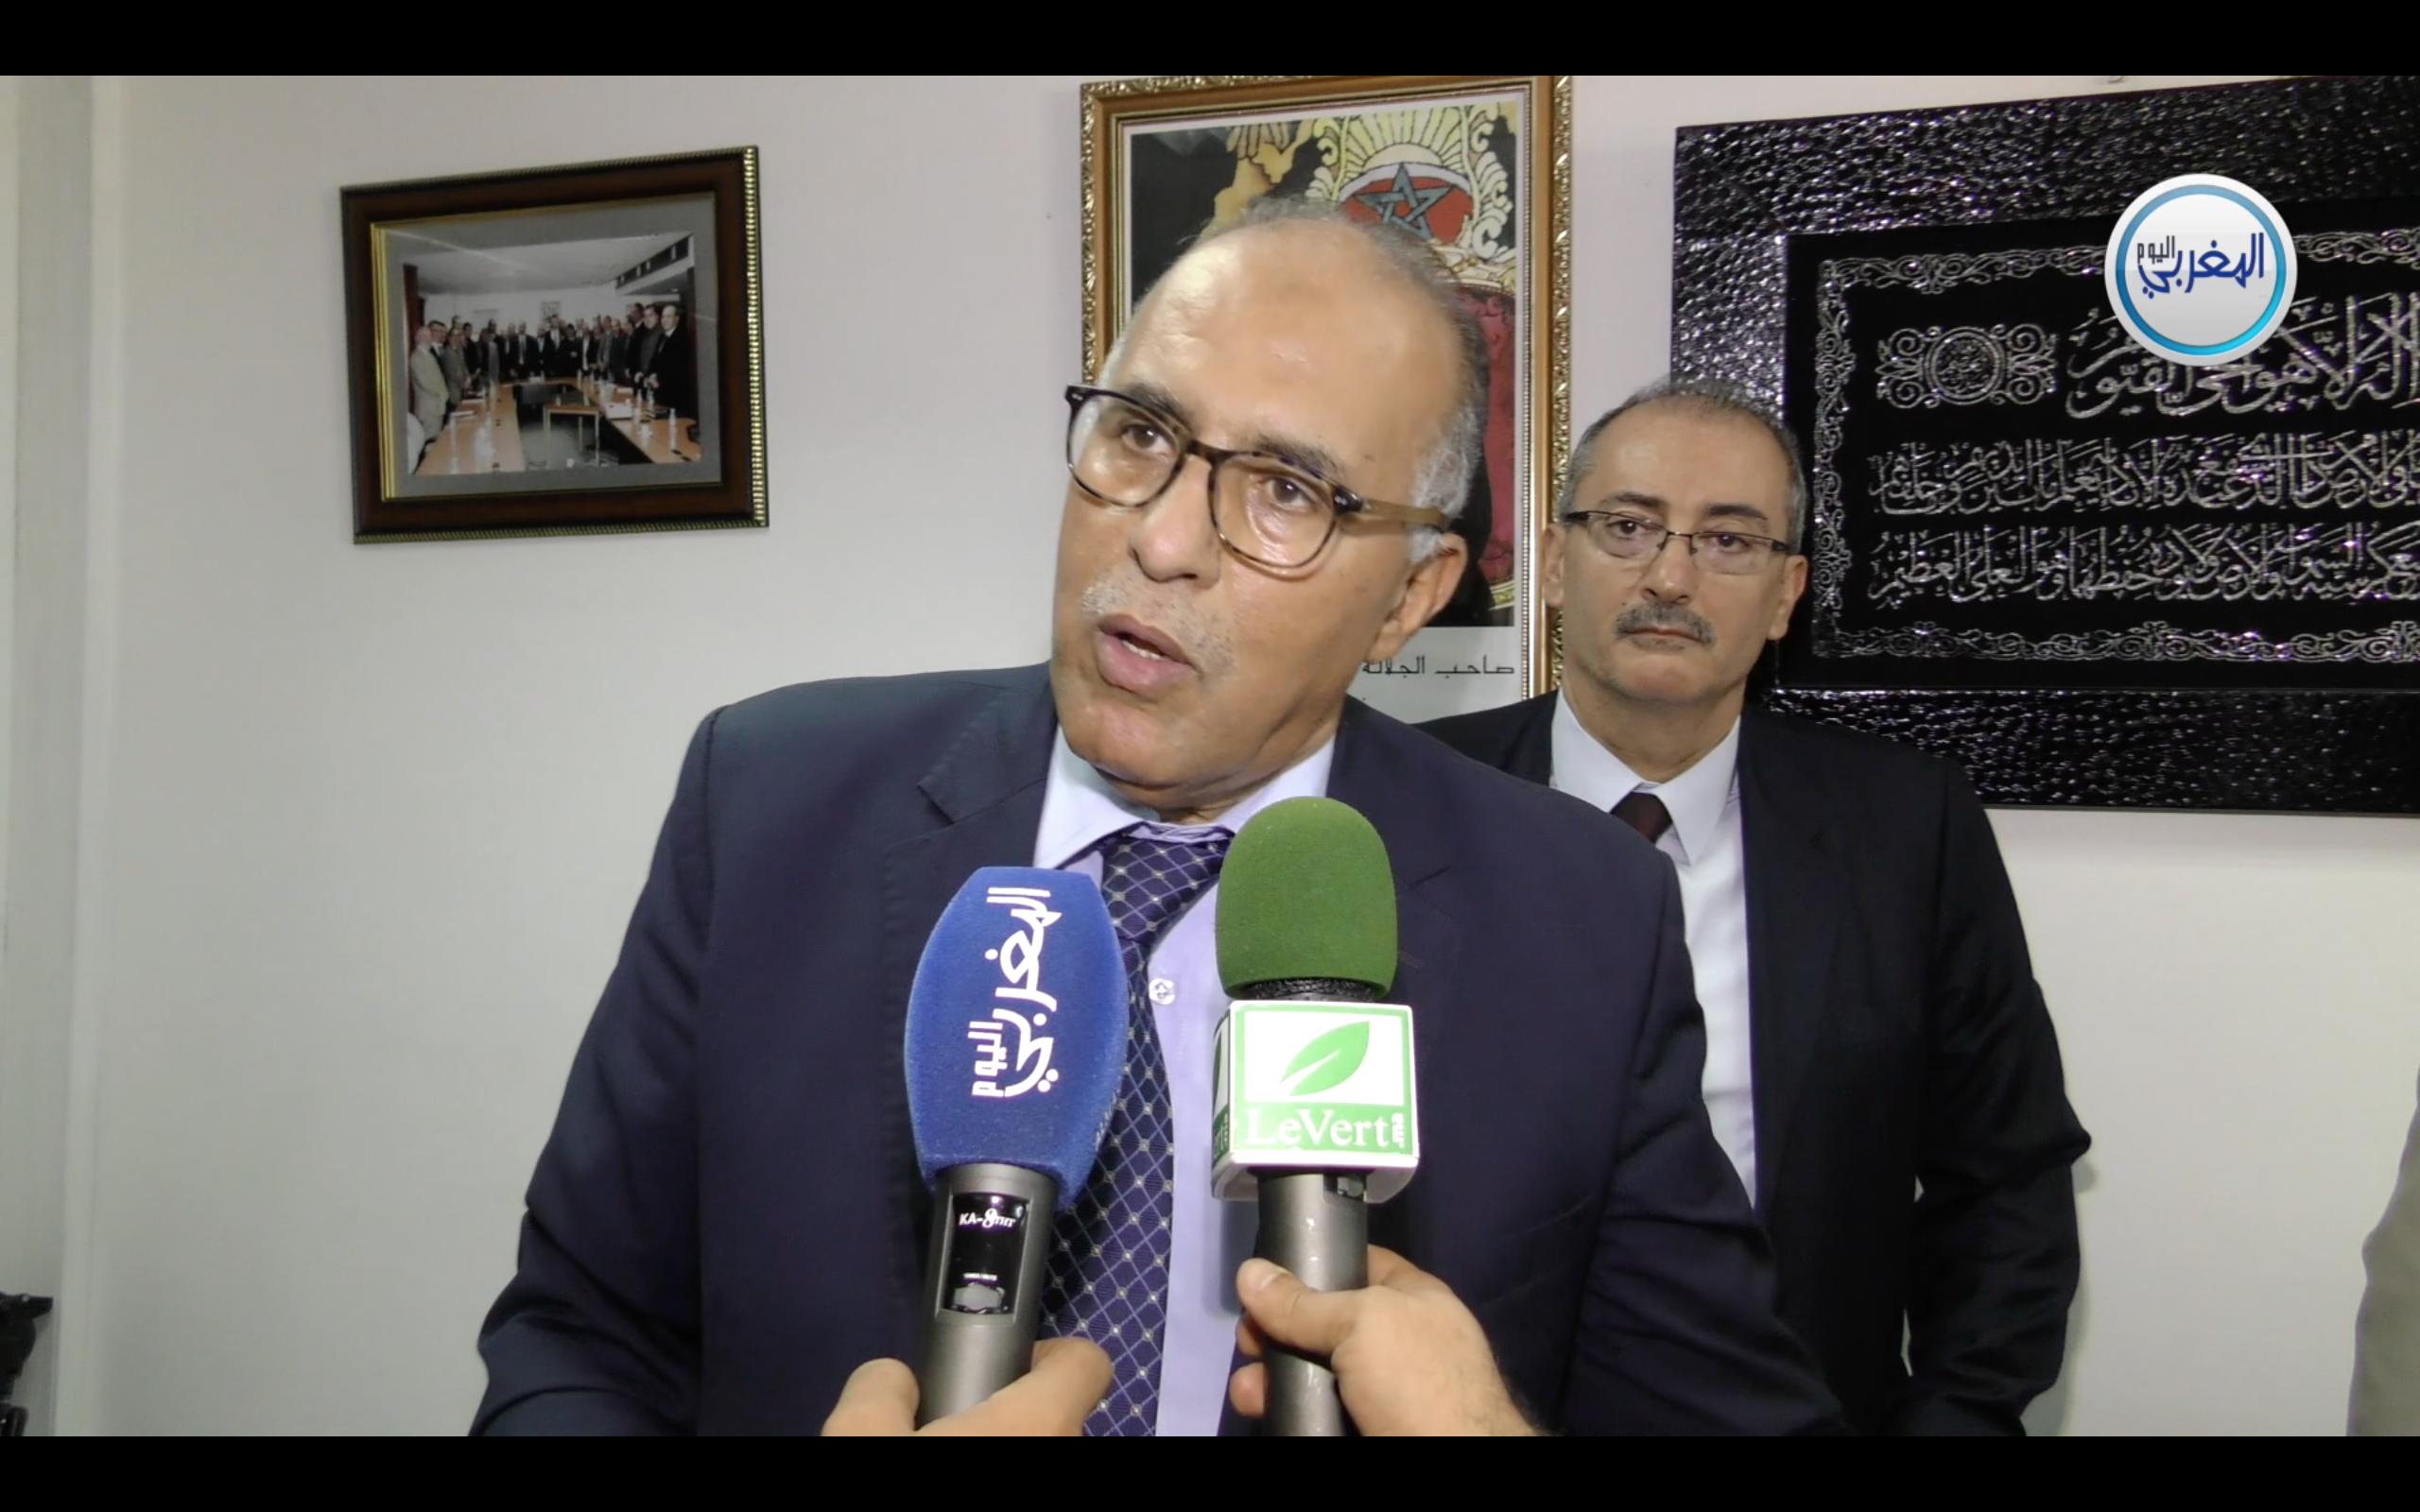 بالفيديو… عبد المولى عبد المومني يسرق الأضواء من خلال إعلانه عن إجراءات جديدة لخدمة الموظفين